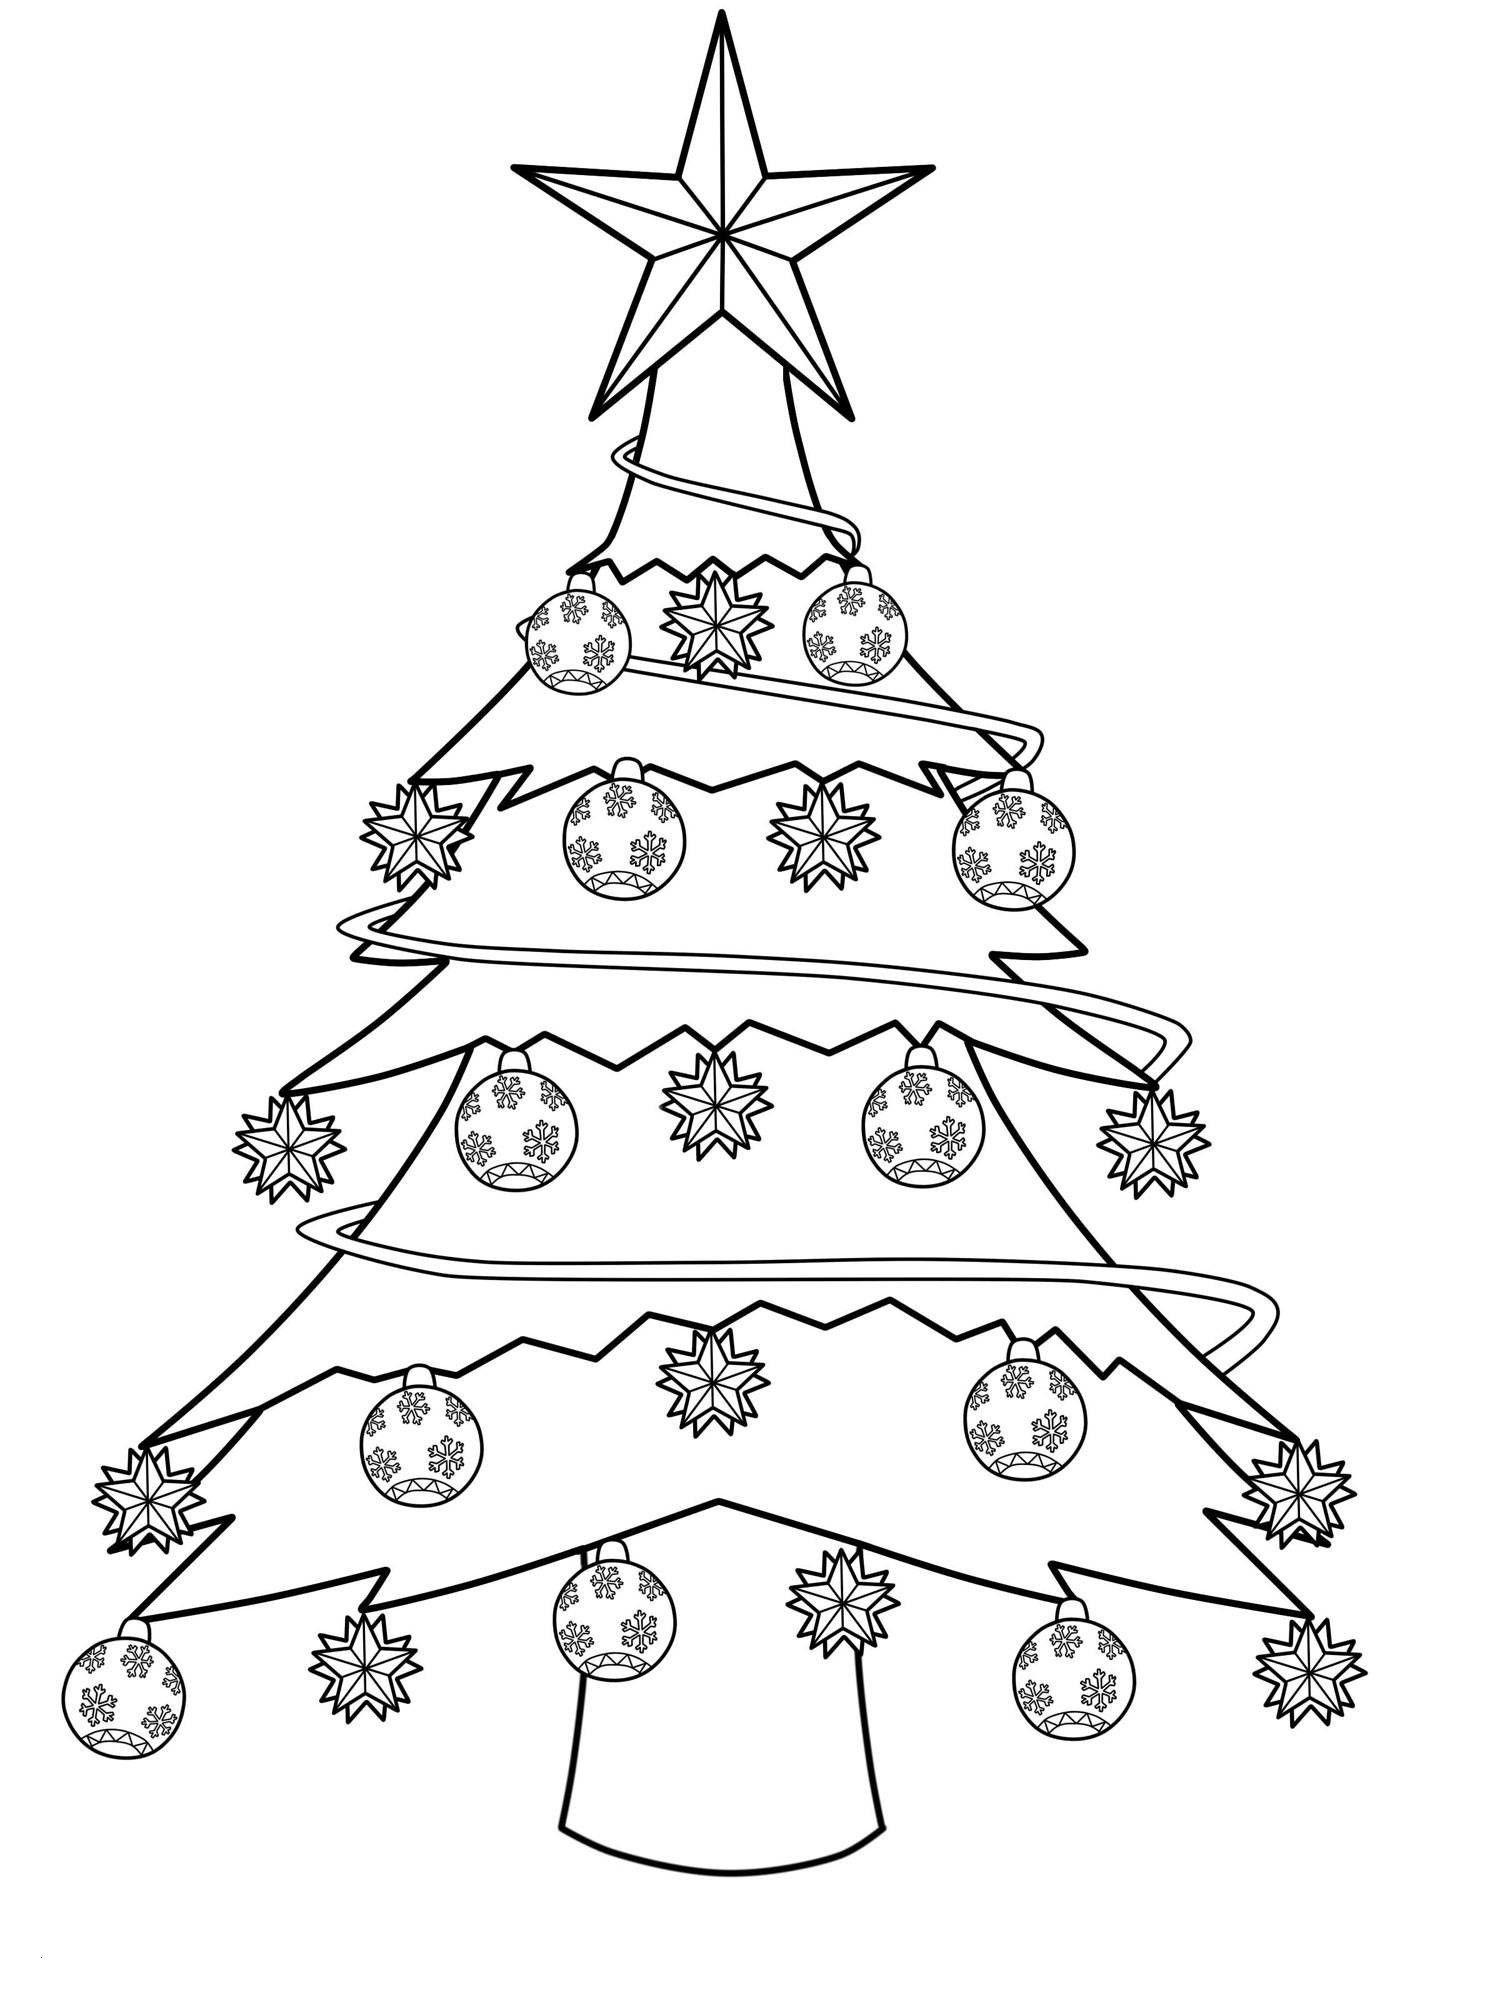 Frisch Schablone Tannenbaum | Color, Seasons ganzes Tannenbaum Fotos Kostenlos